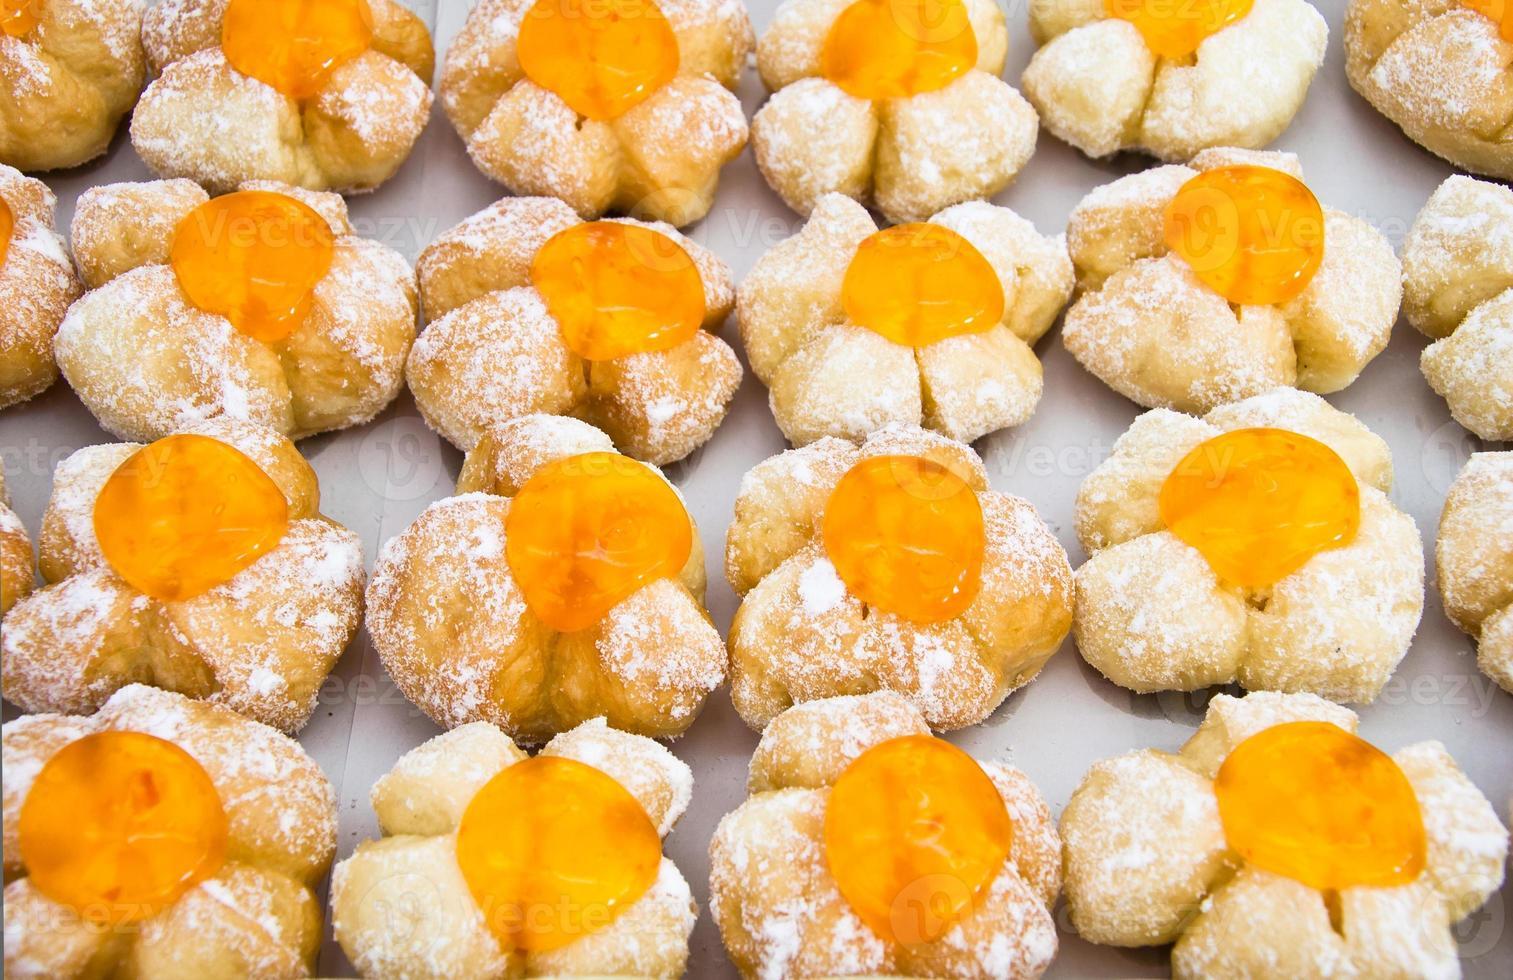 fila de pan elegante con superficie de gelatina de naranja foto